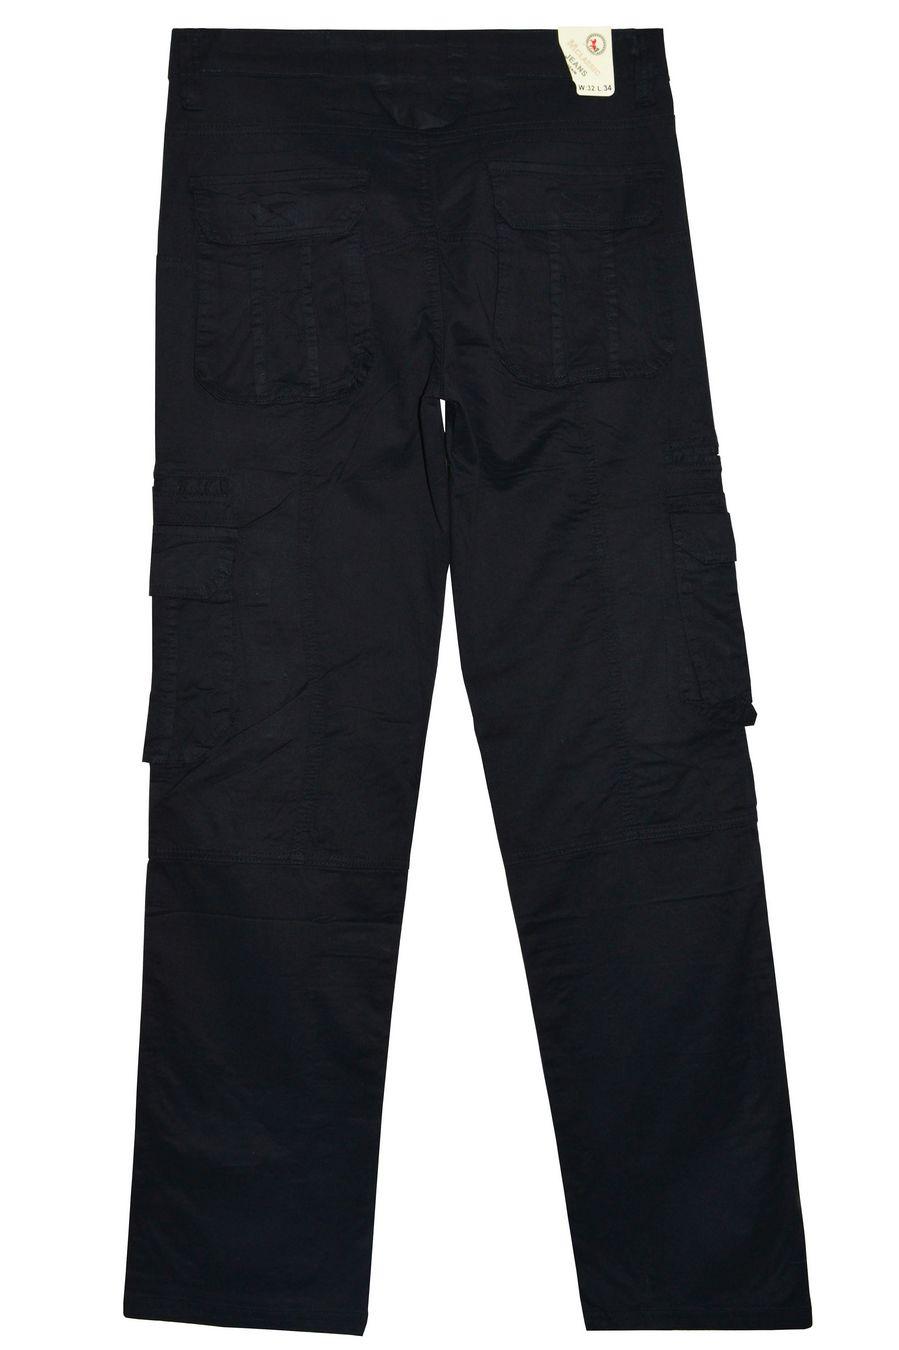 Брюки мужские Machigan M1233B чёрные - фото 2